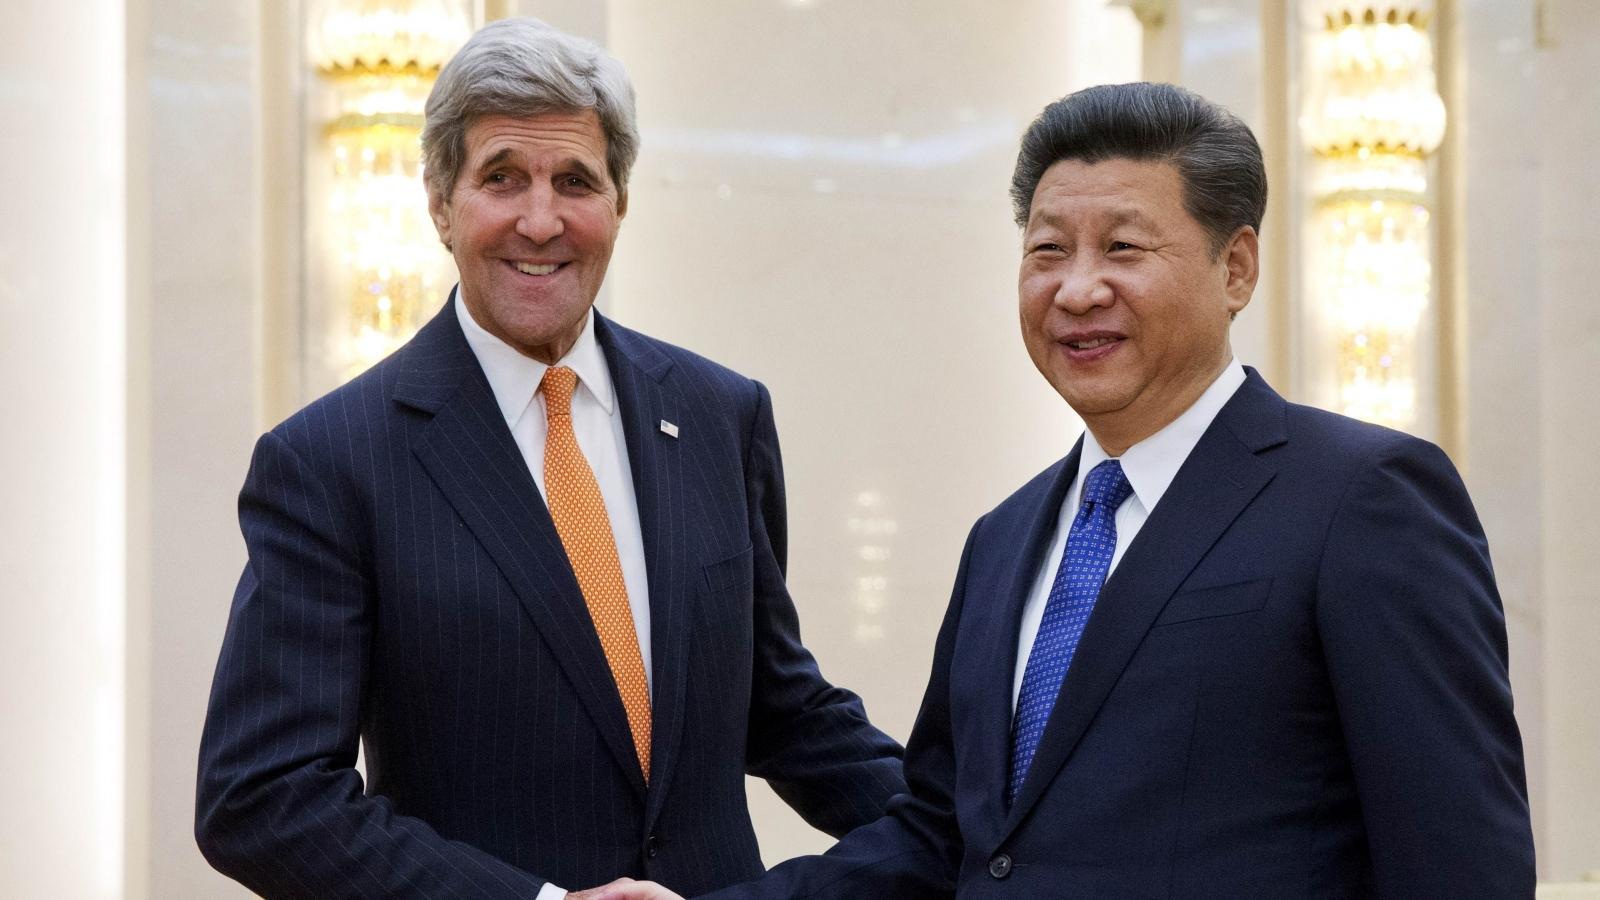 Động lực cho quan hệ Mỹ - Trung dưới thời Tổng thống Joe Biden